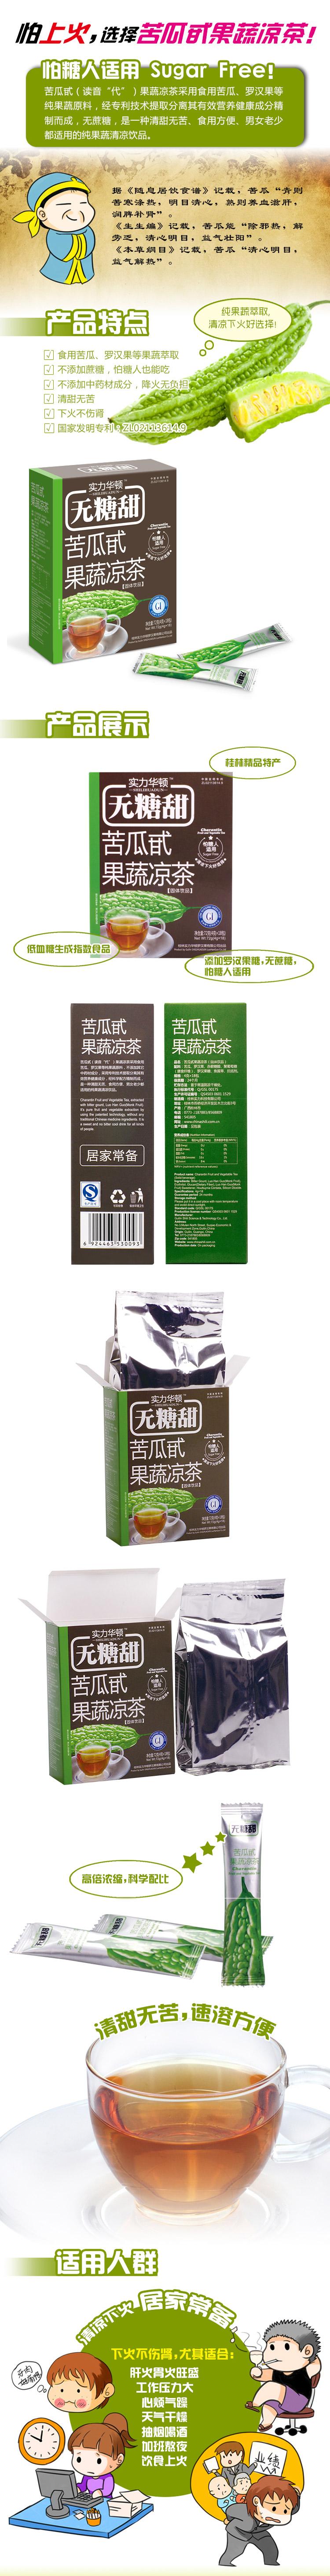 8-无糖甜苦瓜甙果蔬凉茶-主详情页.jpg